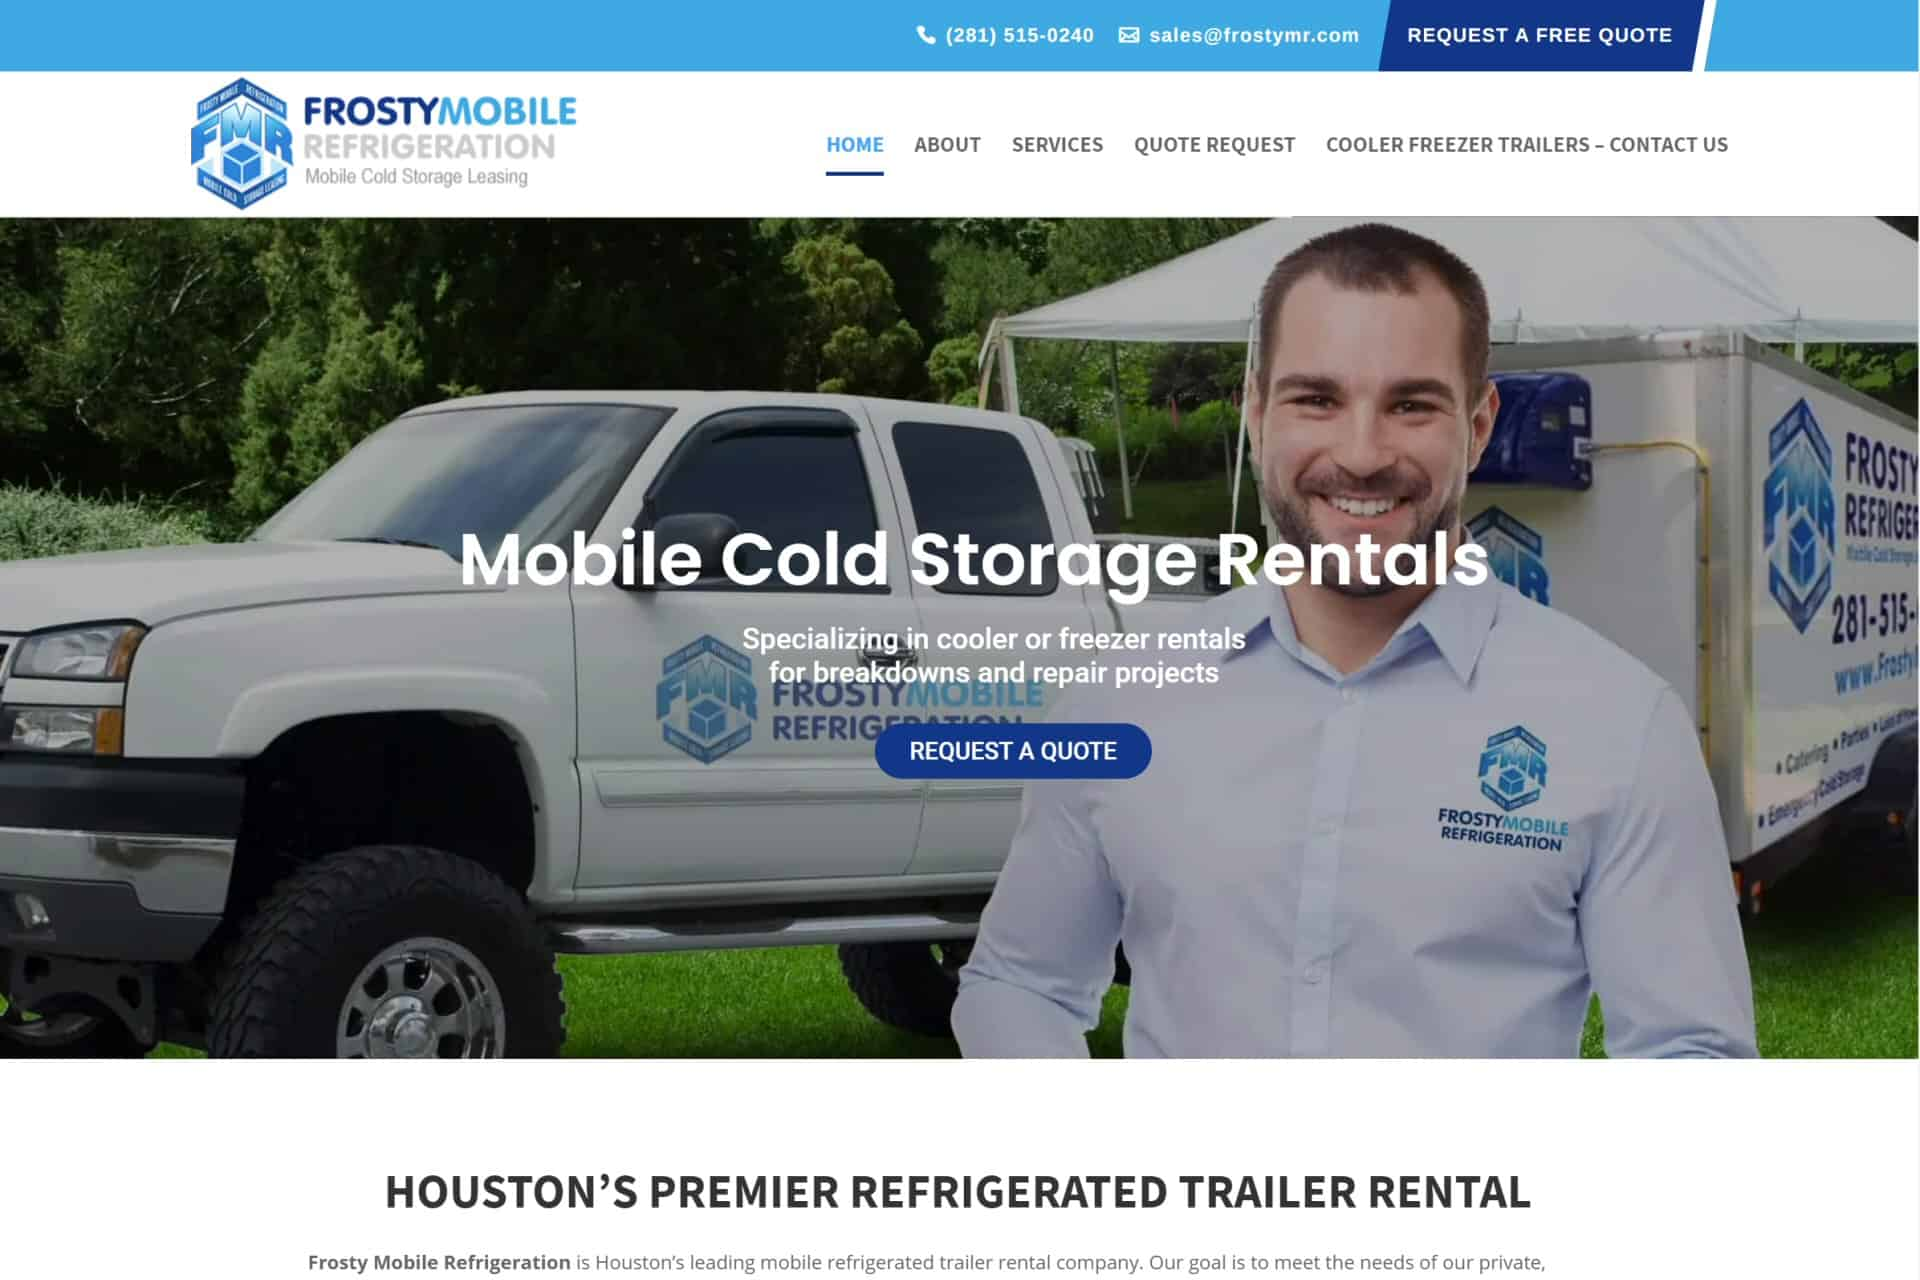 Frosty Mobile Refrigeration